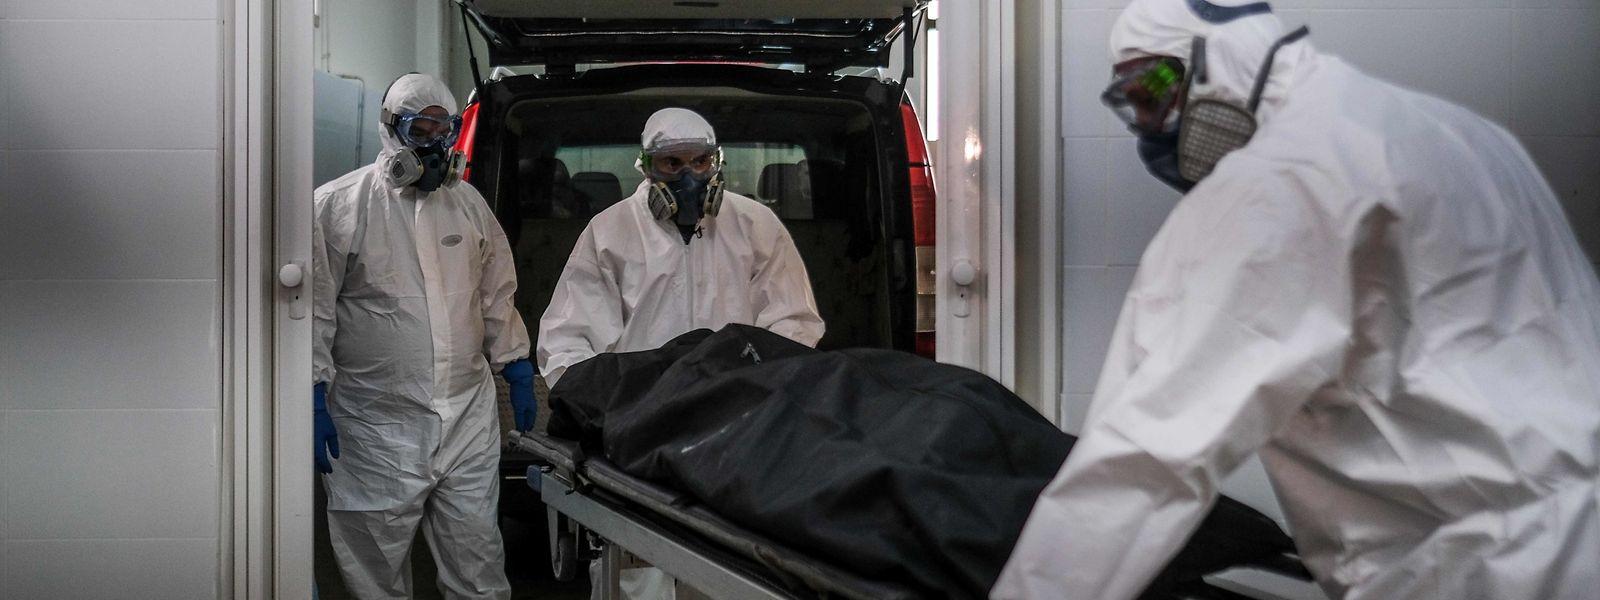 Im portugiesischen Amadora bei Lissabon tragen Bestatter die Leiche eines Covid-19-Opfers weg.